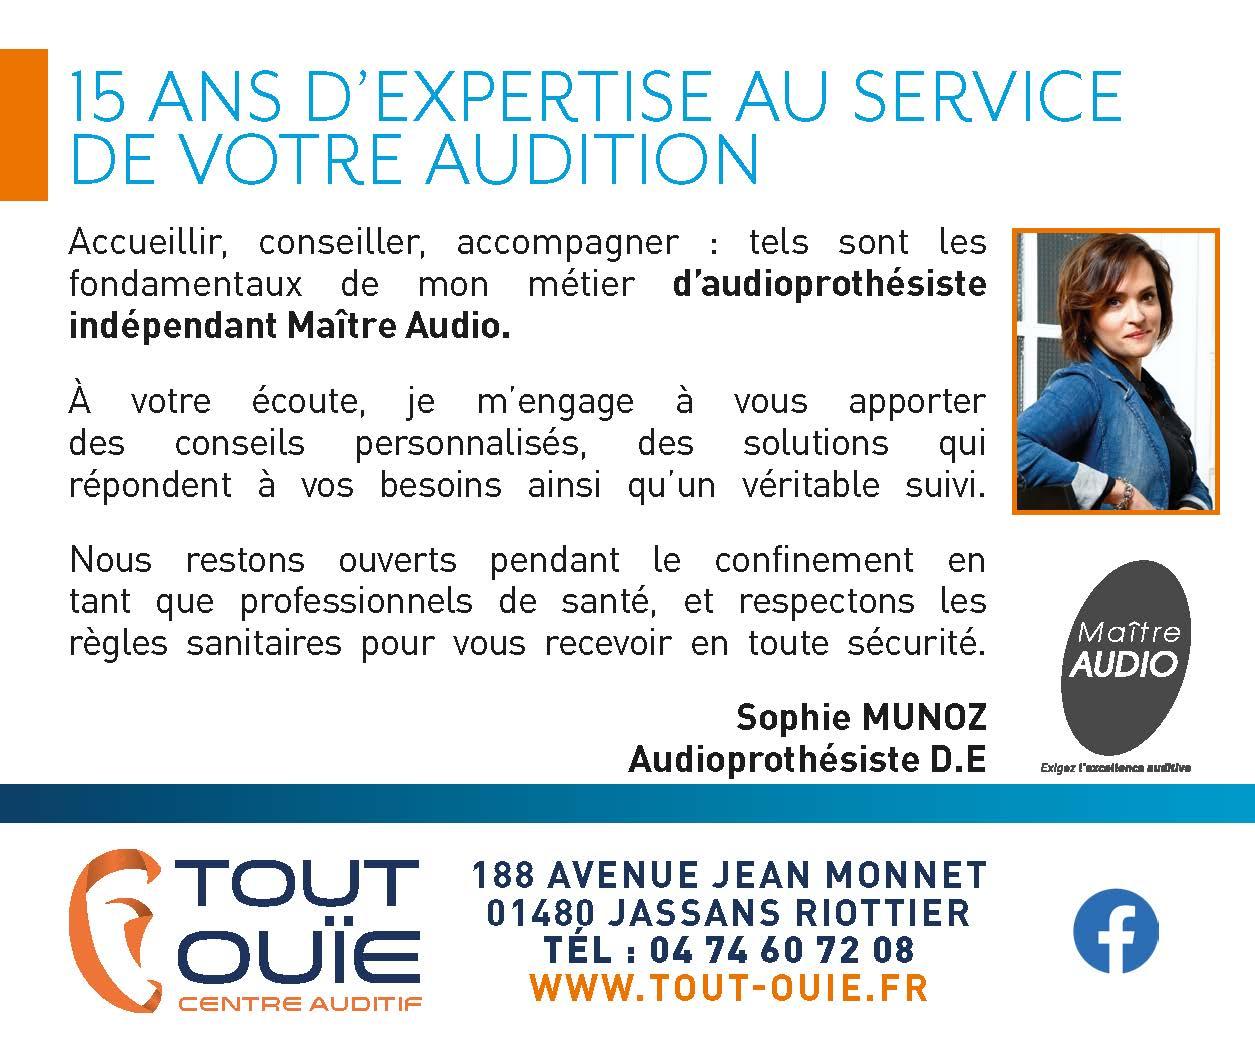 15 ANS D'EXPERTISE AU SERVICE DE VOTRE AUDITION maître audio